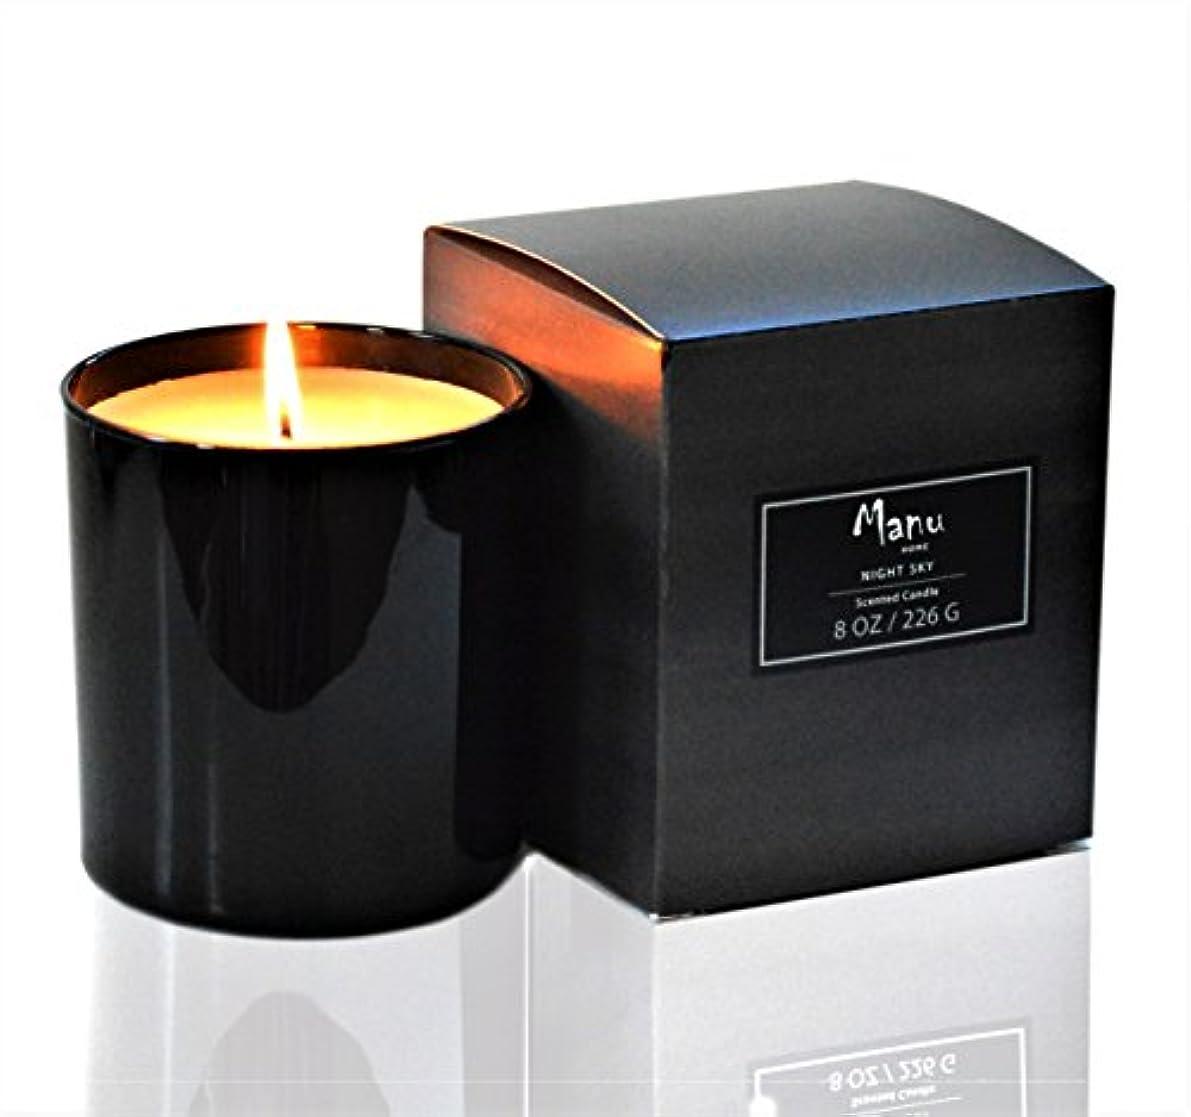 強制的前者アラバマCyber Week Special 。ManuホームNight Sky Scented Candle ~ A Refreshingライトの香りジャスミン、スエードとホワイトFrangipani ~ソフト香り~ Soothing...